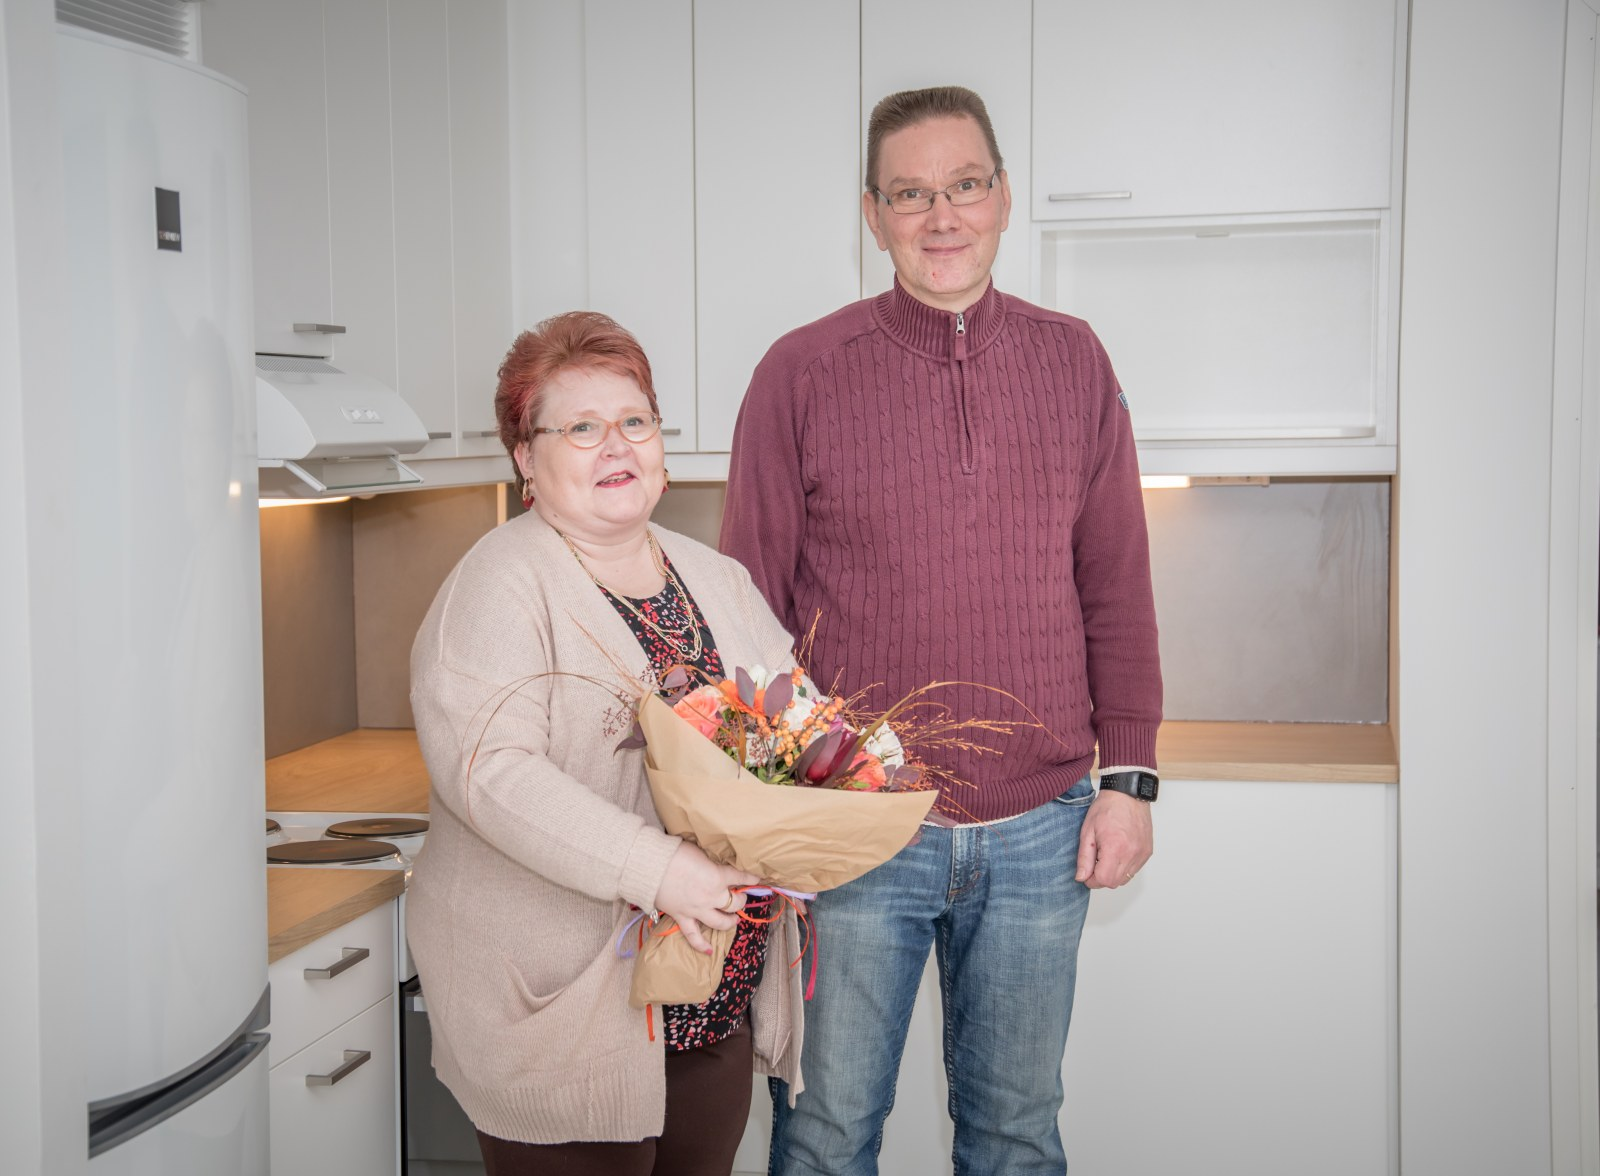 Kotkan Asuntojen asukkaat Leena ja Marko kotonaan Loitsutiellä